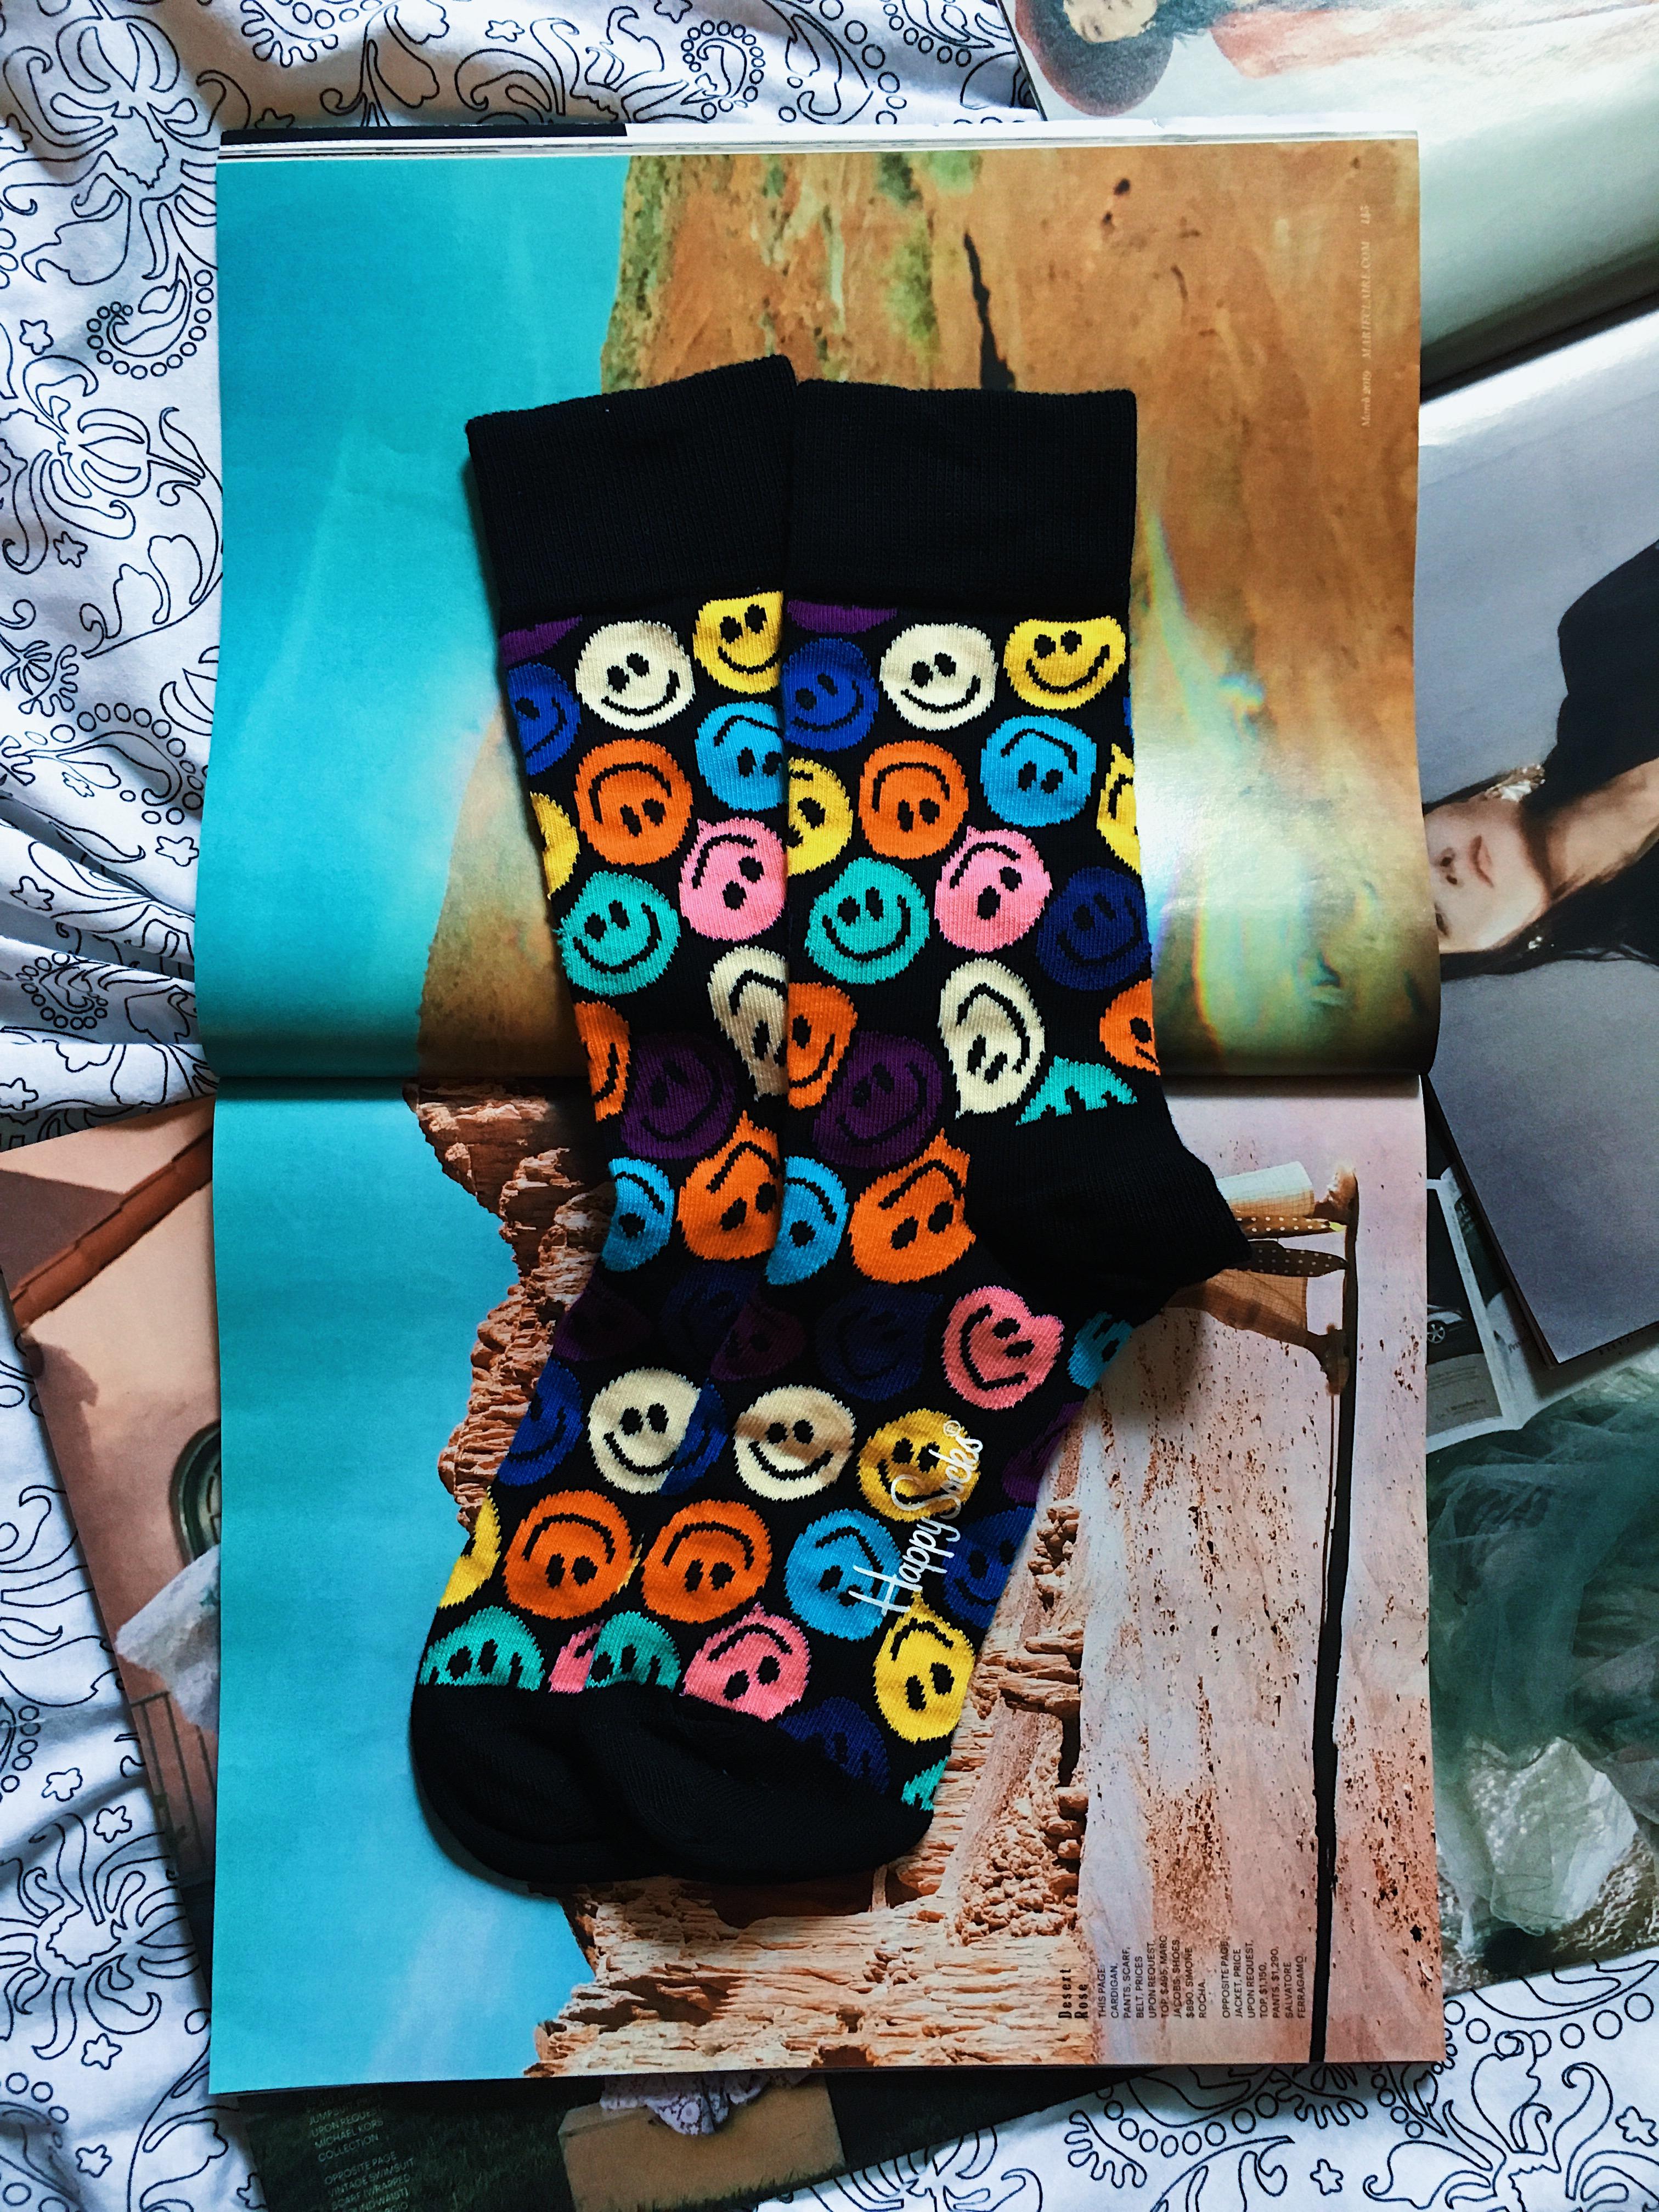 happy socks-printed socks-happy face socks-